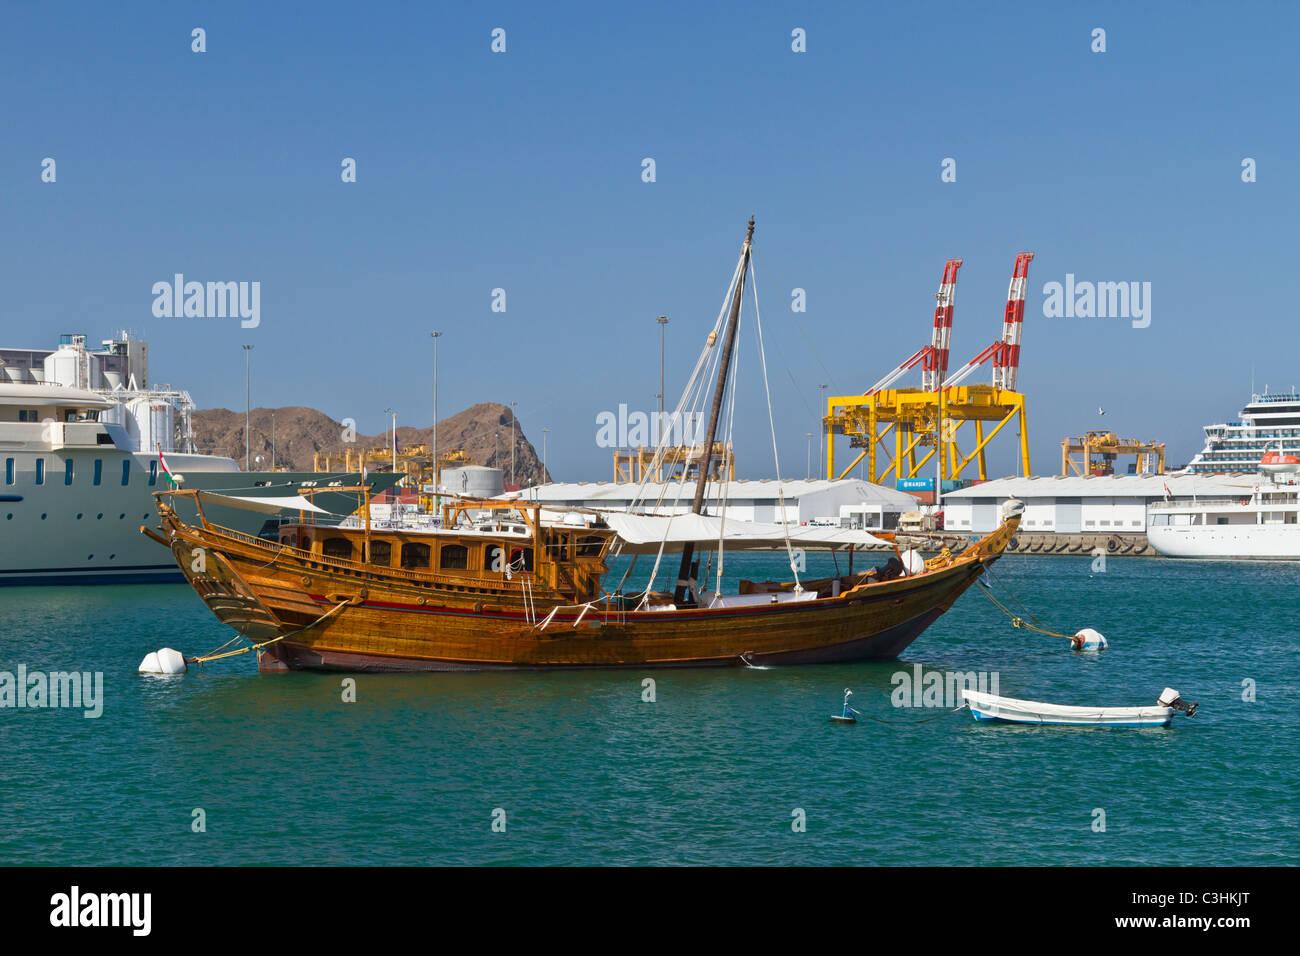 Bateaux ancrés dans le port de Mascate, Oman. Photo Stock